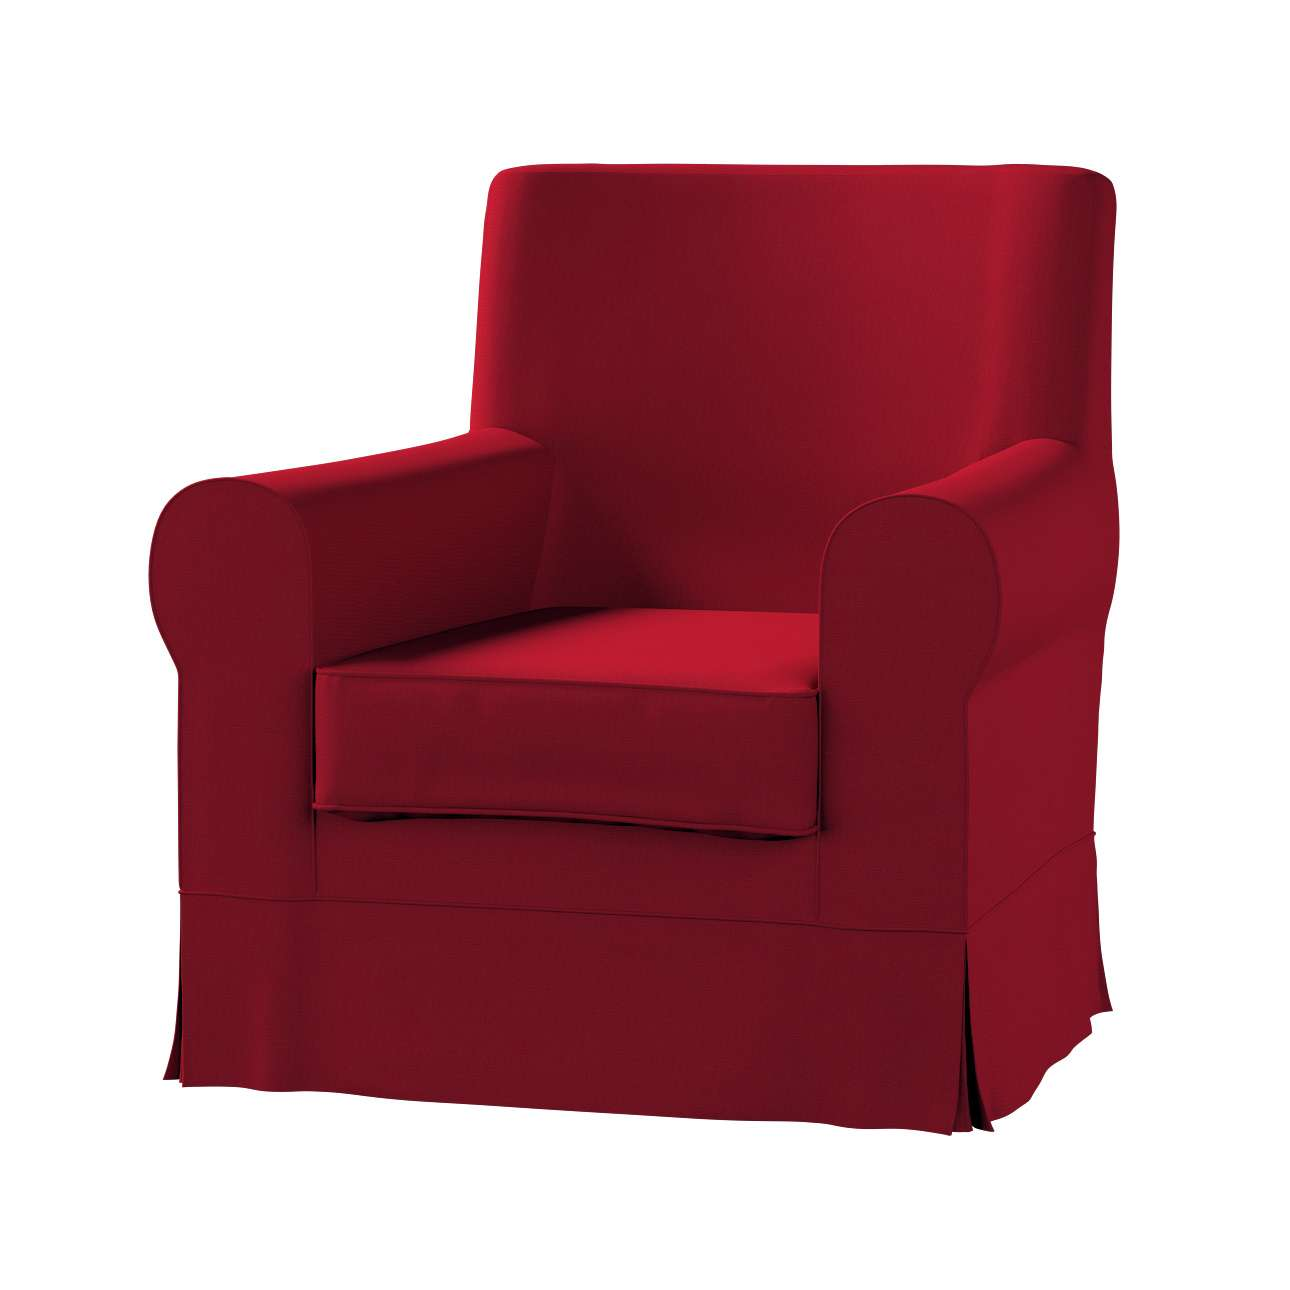 Pokrowiec na fotel Ektorp Jennylund Fotel Ektorp Jennylund w kolekcji Etna , tkanina: 705-60